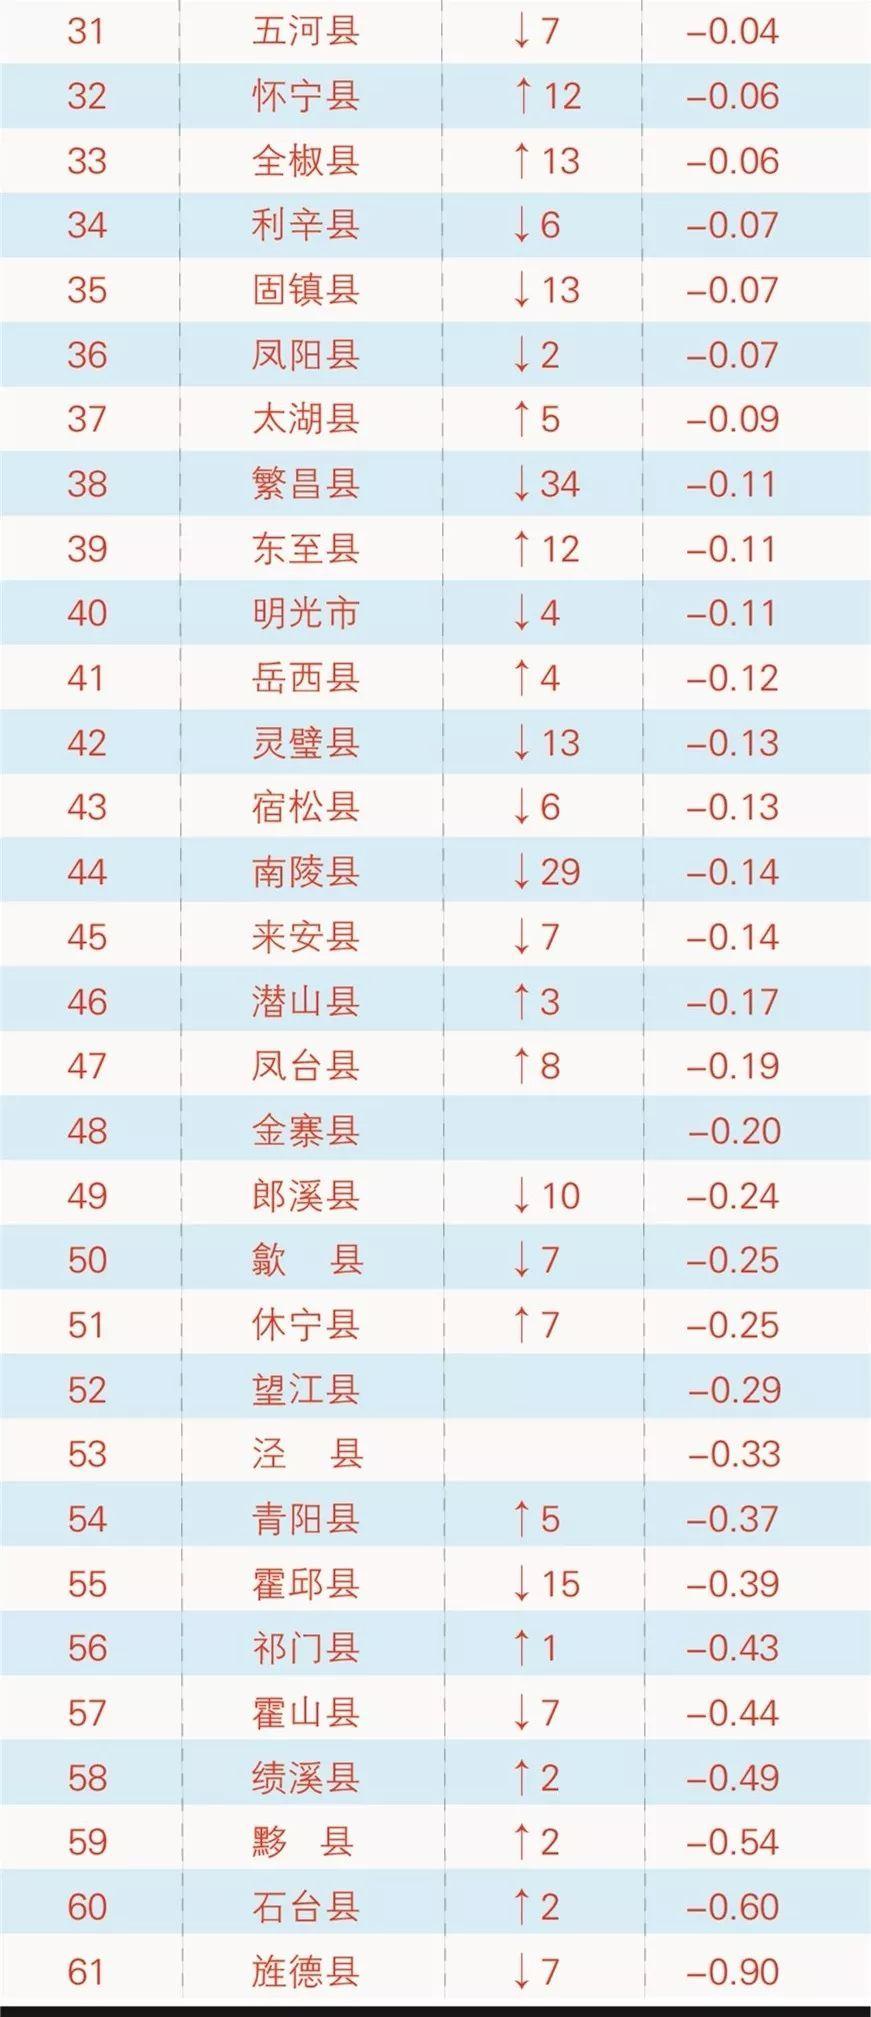 安徽61个县城gdp_安徽61县 市 最新GDP出炉,来看看你的家乡排第几 曝光台 市民网 Discuz